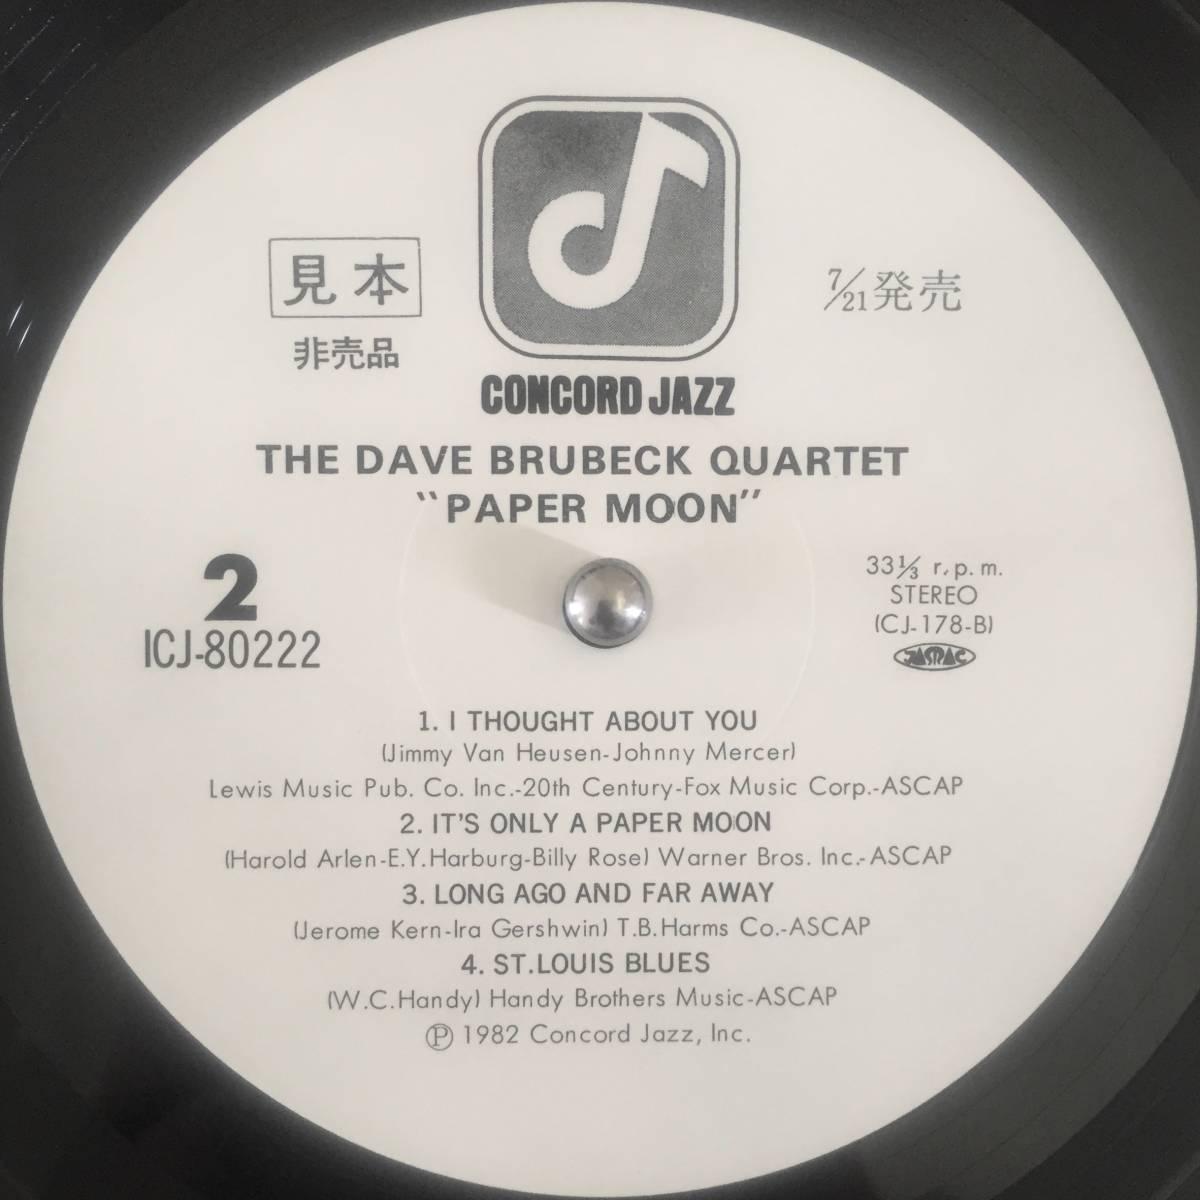 帯付き 極美盤 見本盤 The Dave Brubeck Quartet Paper Moon 白ラベル 非売品 PROMO インサート完備 JAZZ RARE GROOVE ジャズ LP レア 国内_画像8